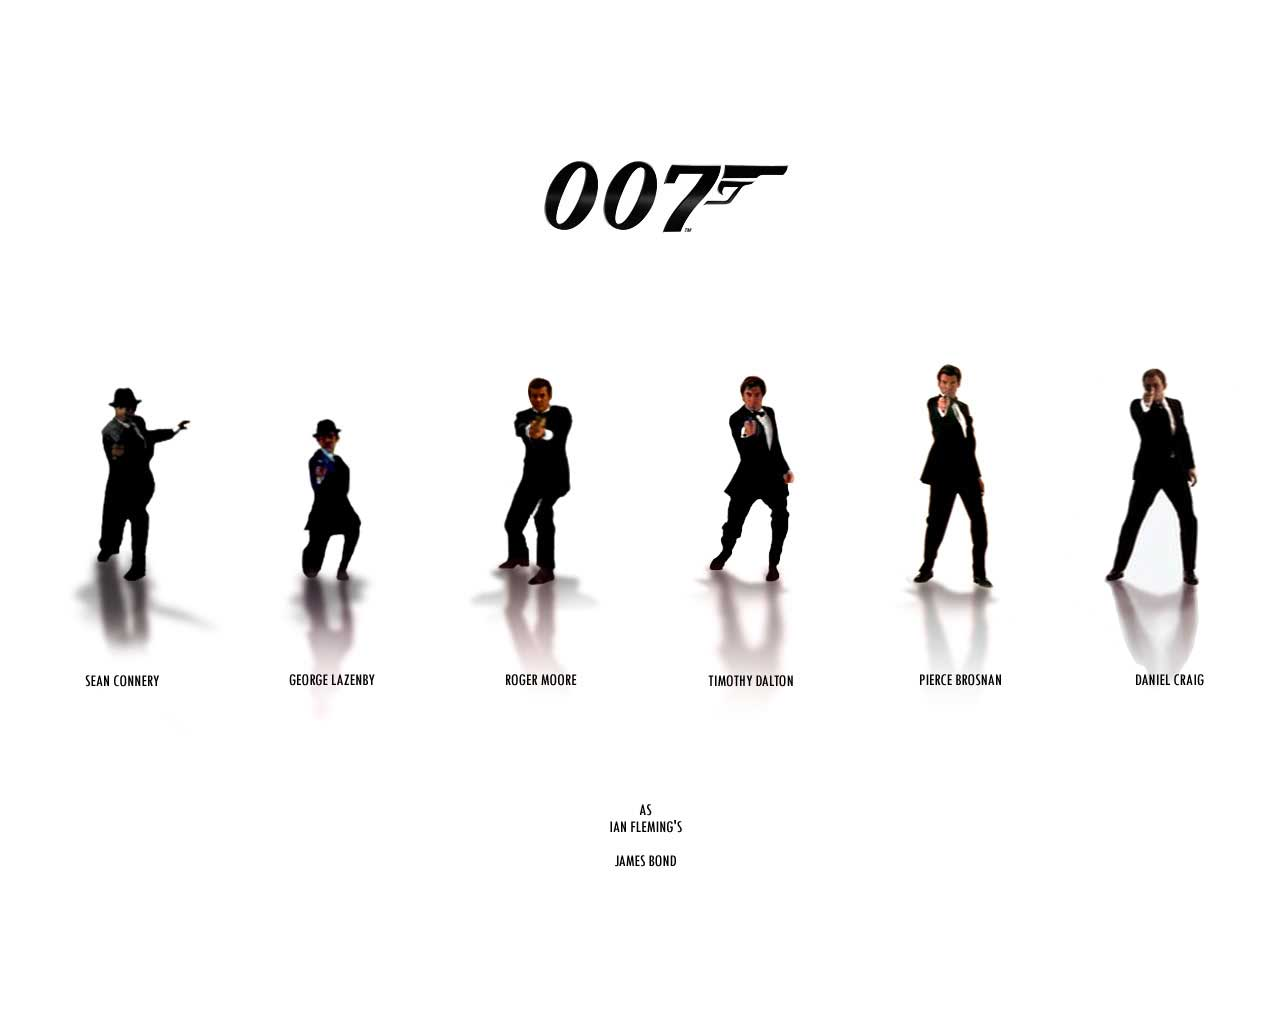 007-evolution.jpg